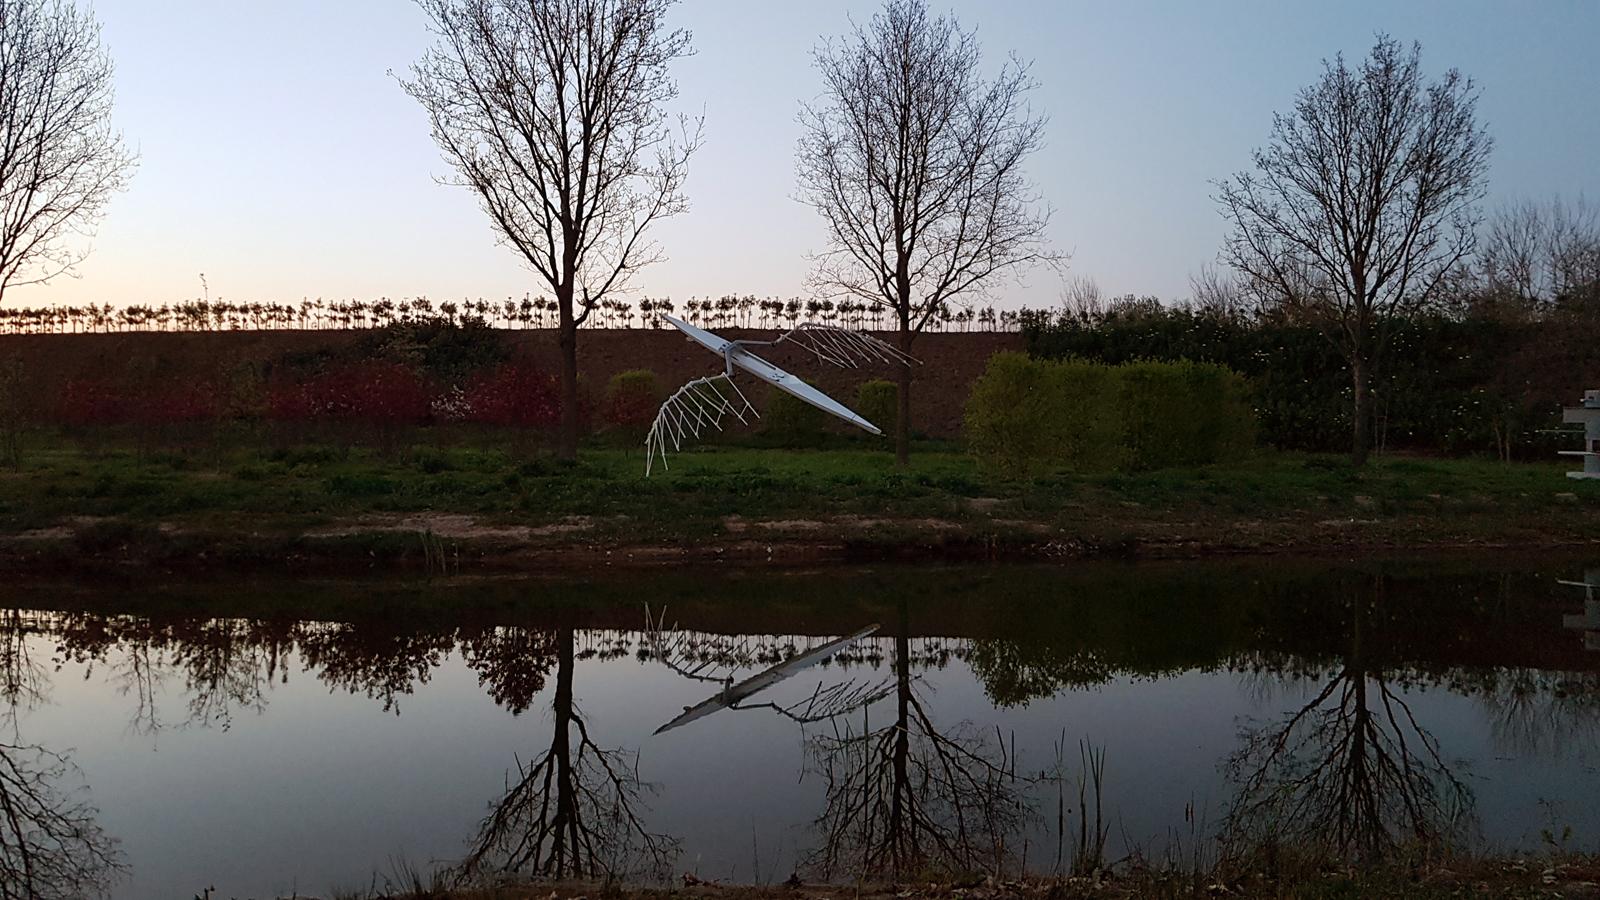 Rondhangen met Enghel in Landgoed Anningahof